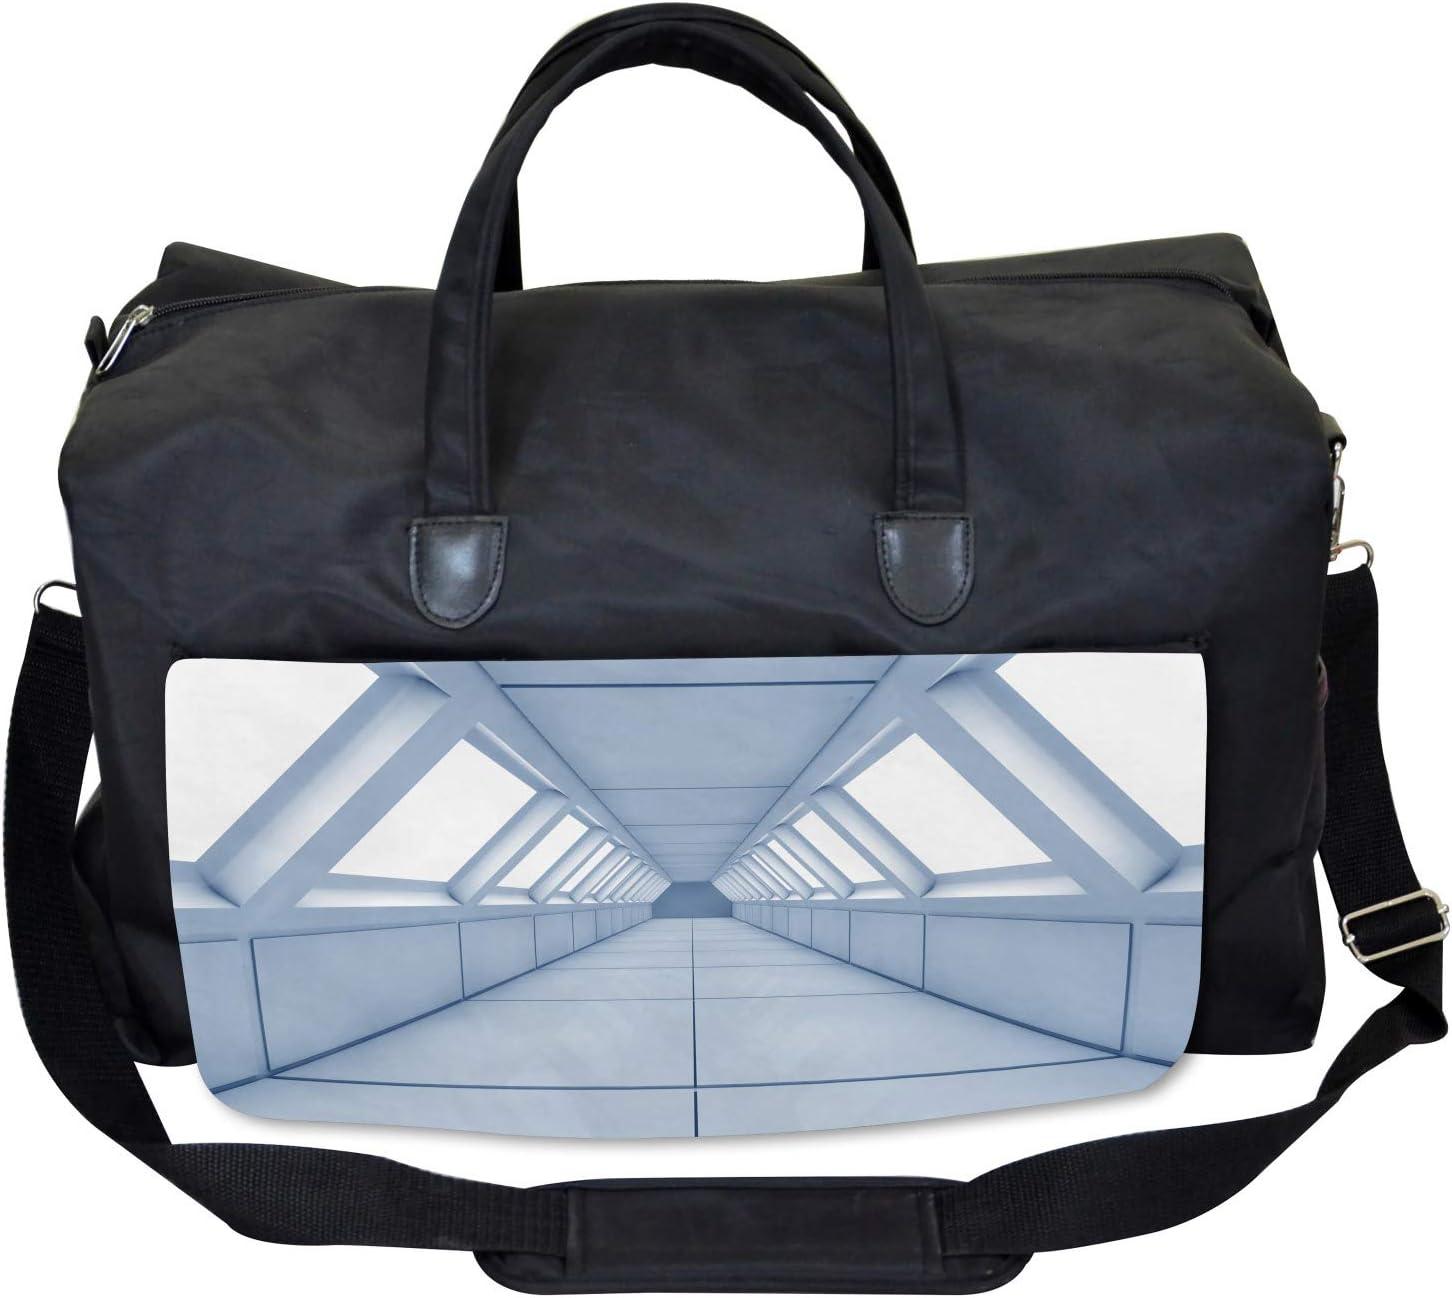 Ambesonne Modern Gym Bag Large Weekender Carry-on Corridor of Spaceship